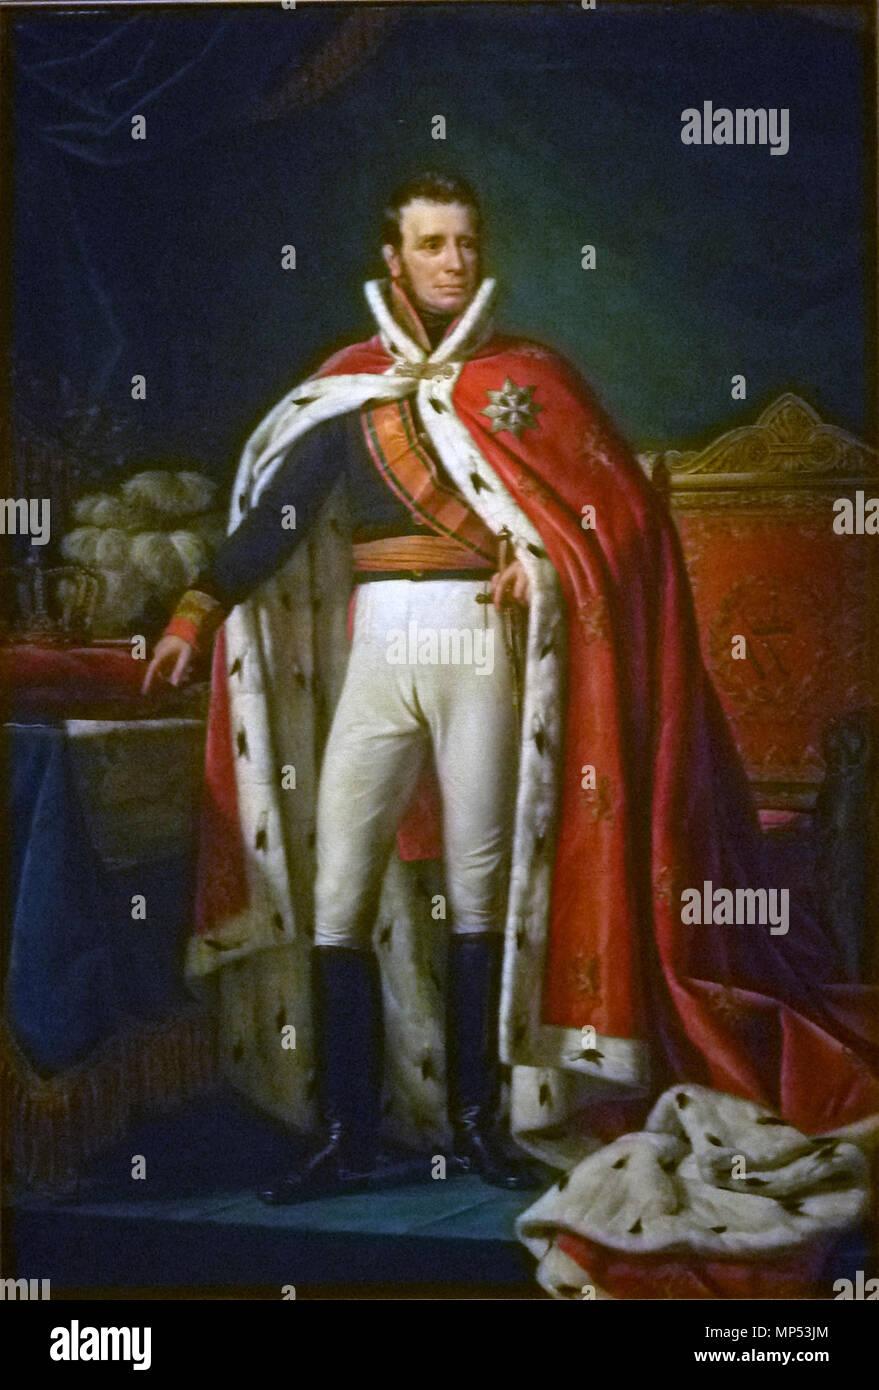 Retrato de Guillermo I, Rey de los Países Bajos. Retrato de Guillermo I (1772-1743) como Rey del Reino Unido de los Países Bajos. De pie, de longitud completa, en el uniforme de gala de un general. A lo largo de su hombro derecho el cordón de la Orden Militar de Guillermo. A través de su uniforme vistiendo una túnica roja bordeada de armiño. A la derecha el trono real, a la izquierda hay un cuadro con el mapa de partes de Java (Bantam, y Cheribon Jacatra) hoy en día en Indonesia, y también una almohada con corona y cetro y un sombrero con plumas ostriche. 1819. 742 Joseph Paelinck - Willem I 001 Imagen De Stock